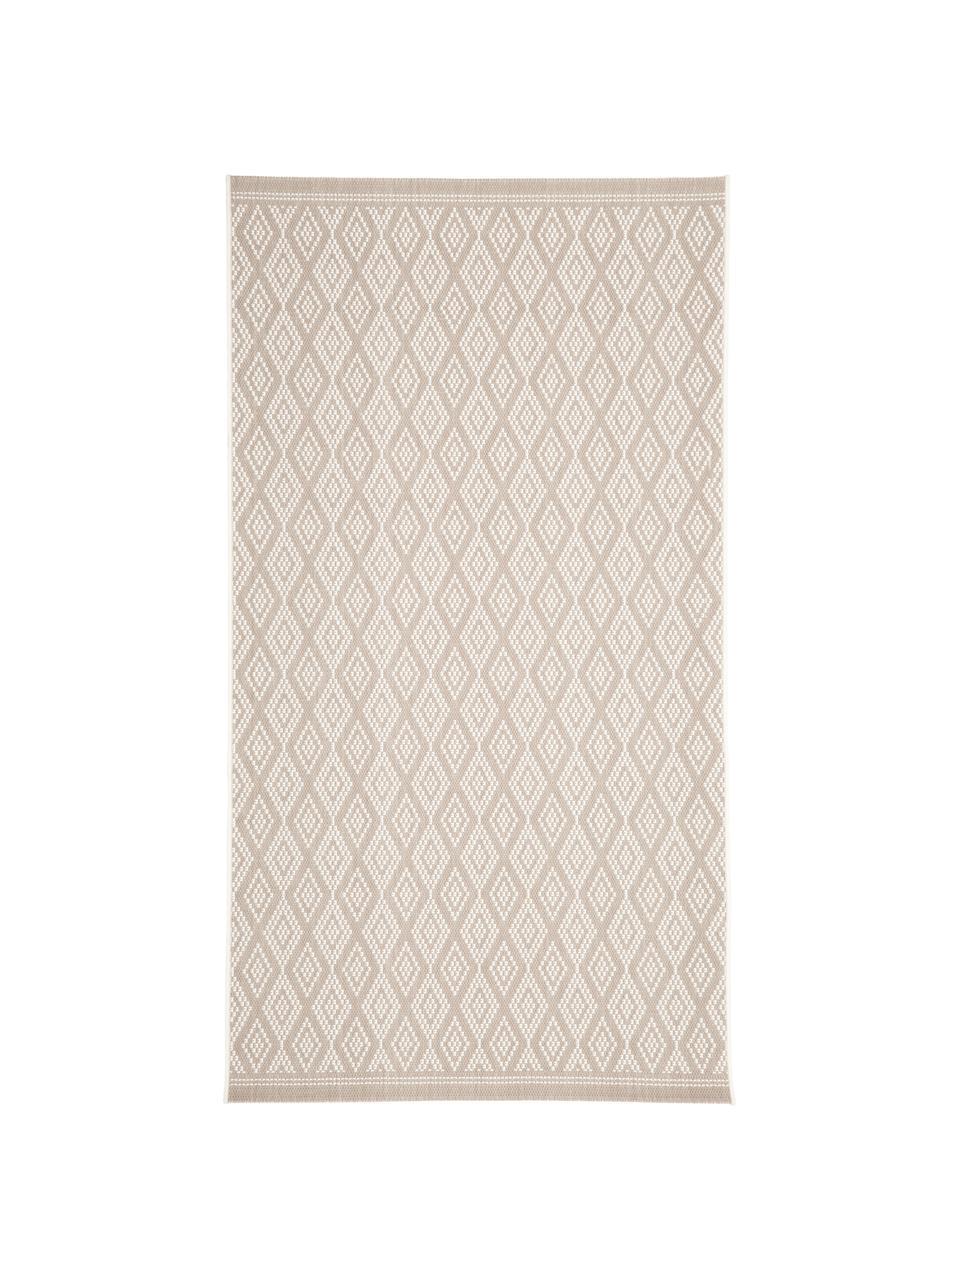 In- & Outdoor-Teppich Capri in Beige/Creme, 86% Polypropylen, 14% Polyester, Cremeweiß, Beige, B 160 x L 230 cm (Größe M)